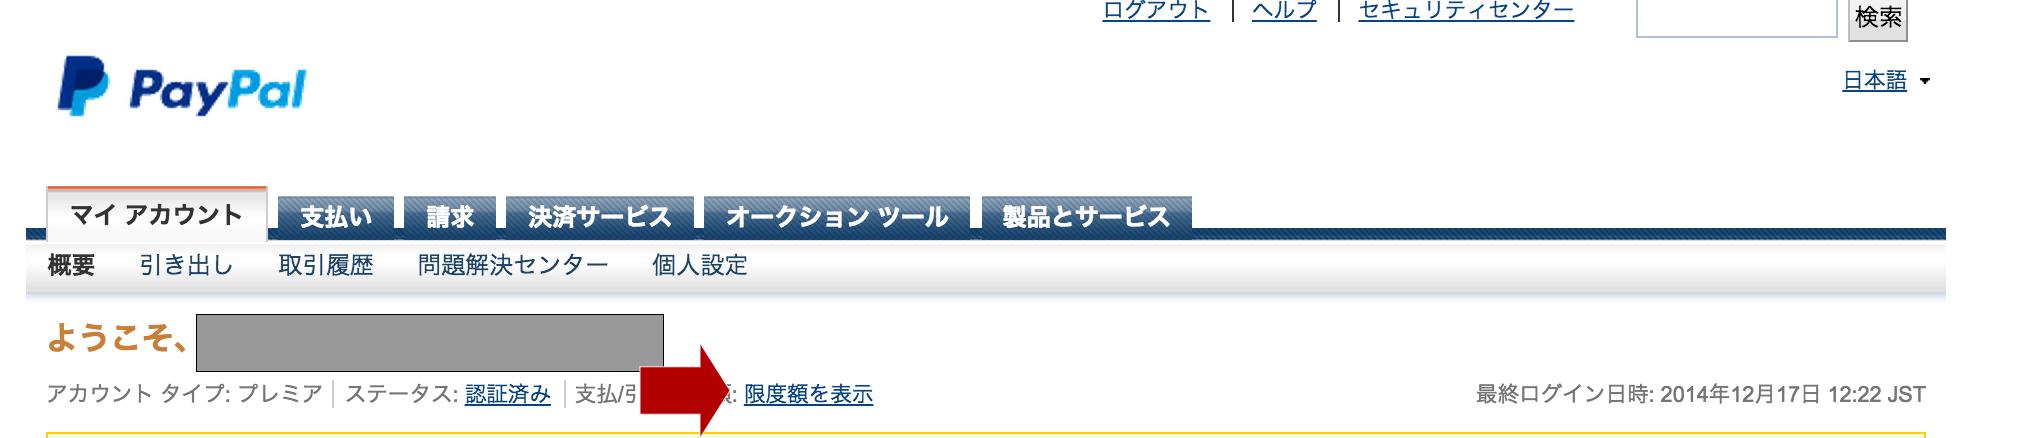 スクリーンショット 2014-12-20 13.32.10